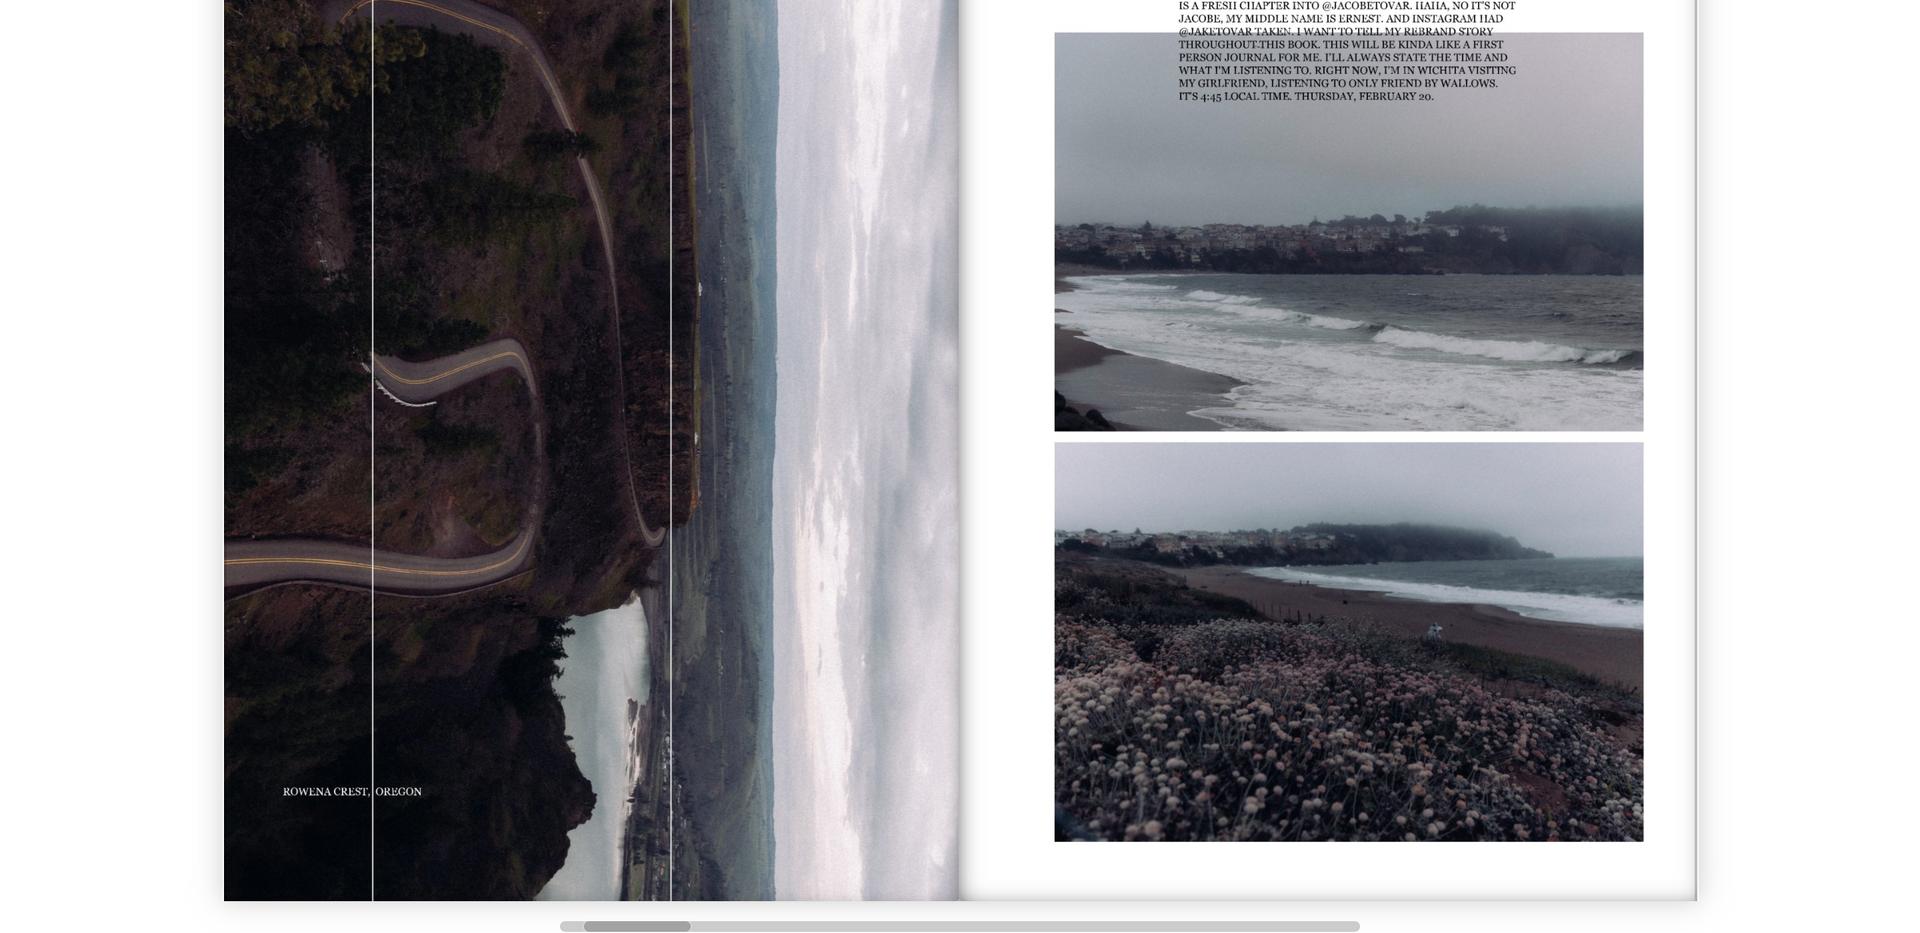 Screen Shot 2020-04-03 at 4.34.54 PM.png